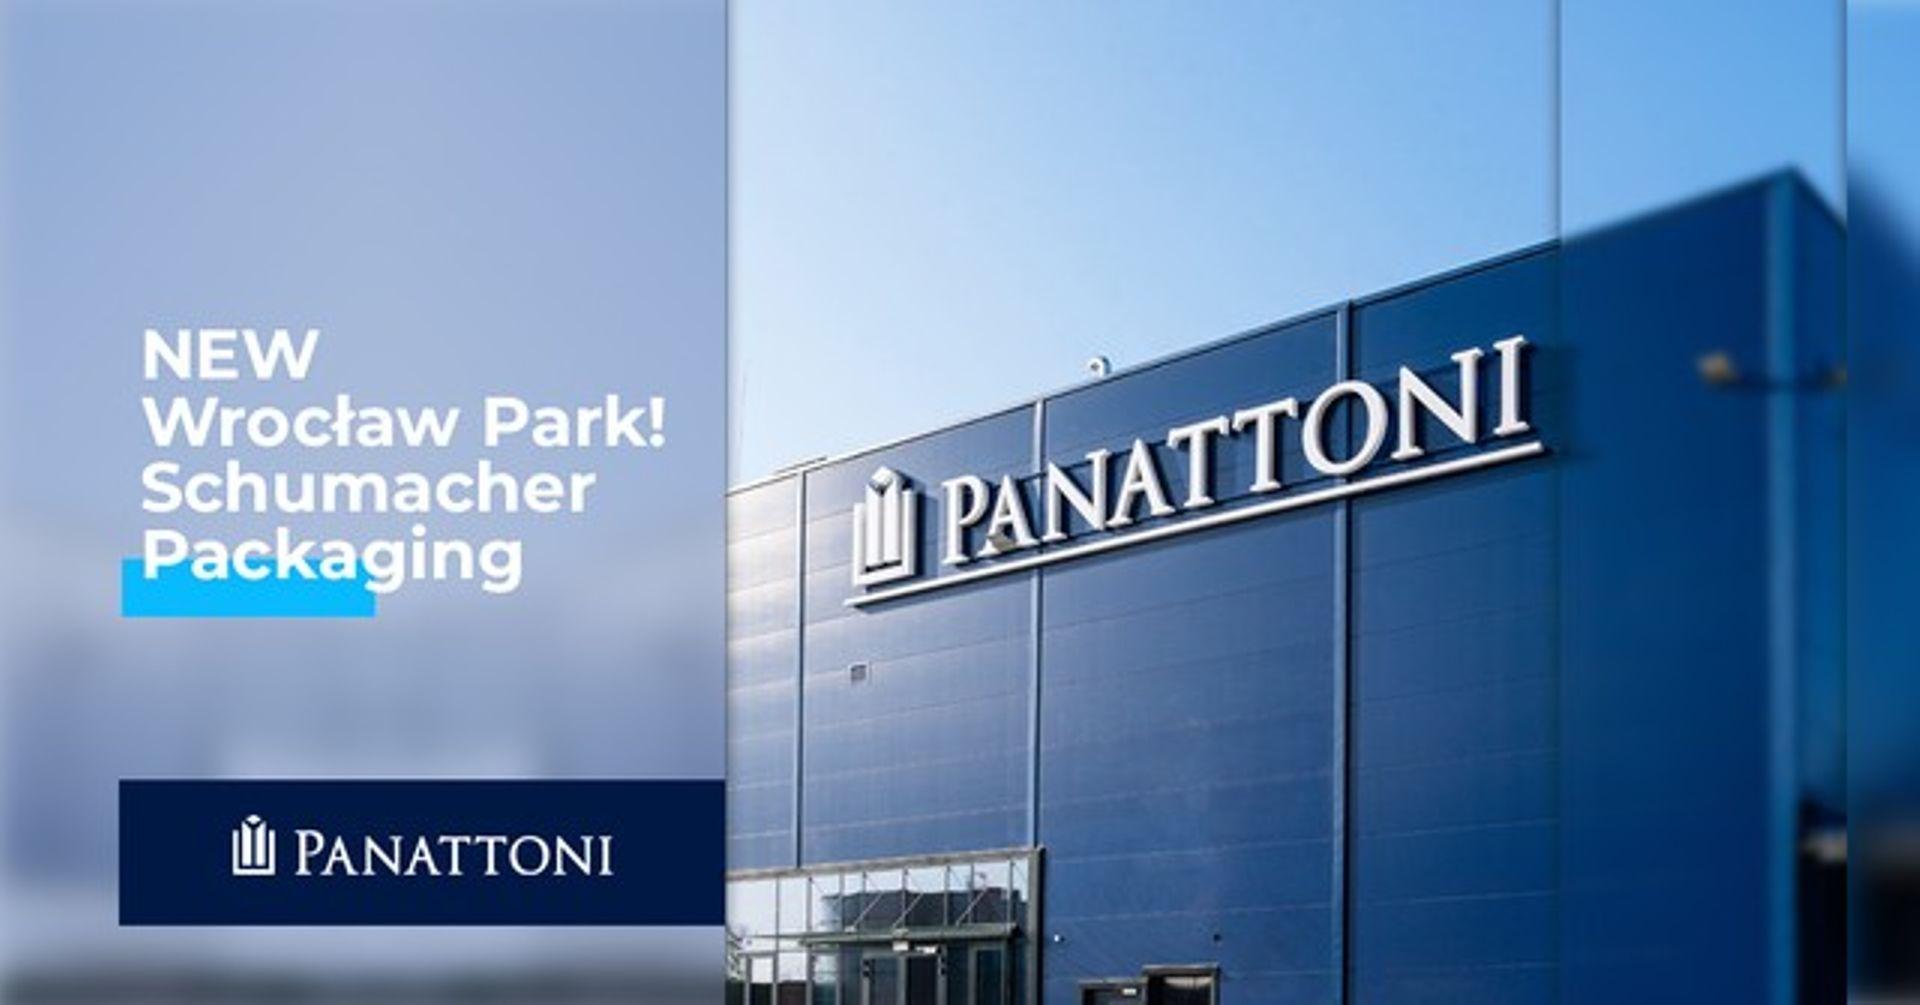 Kolejna duża inwestycja Panattoni pod Wrocławiem